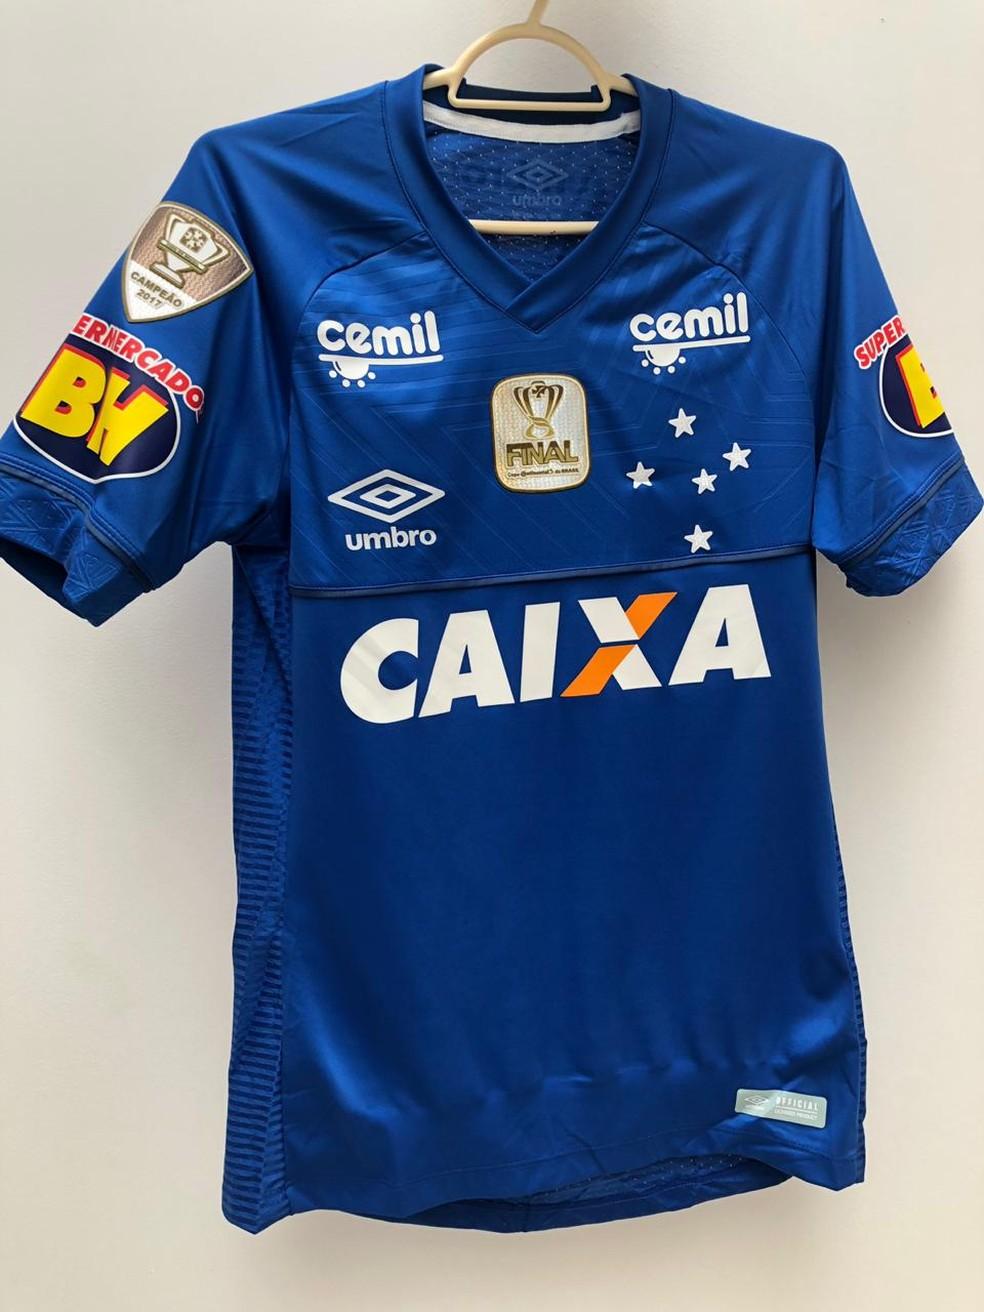 Camisa do Cruzeiro para a final da Copa do Brasil — Foto: GloboEsporte.com